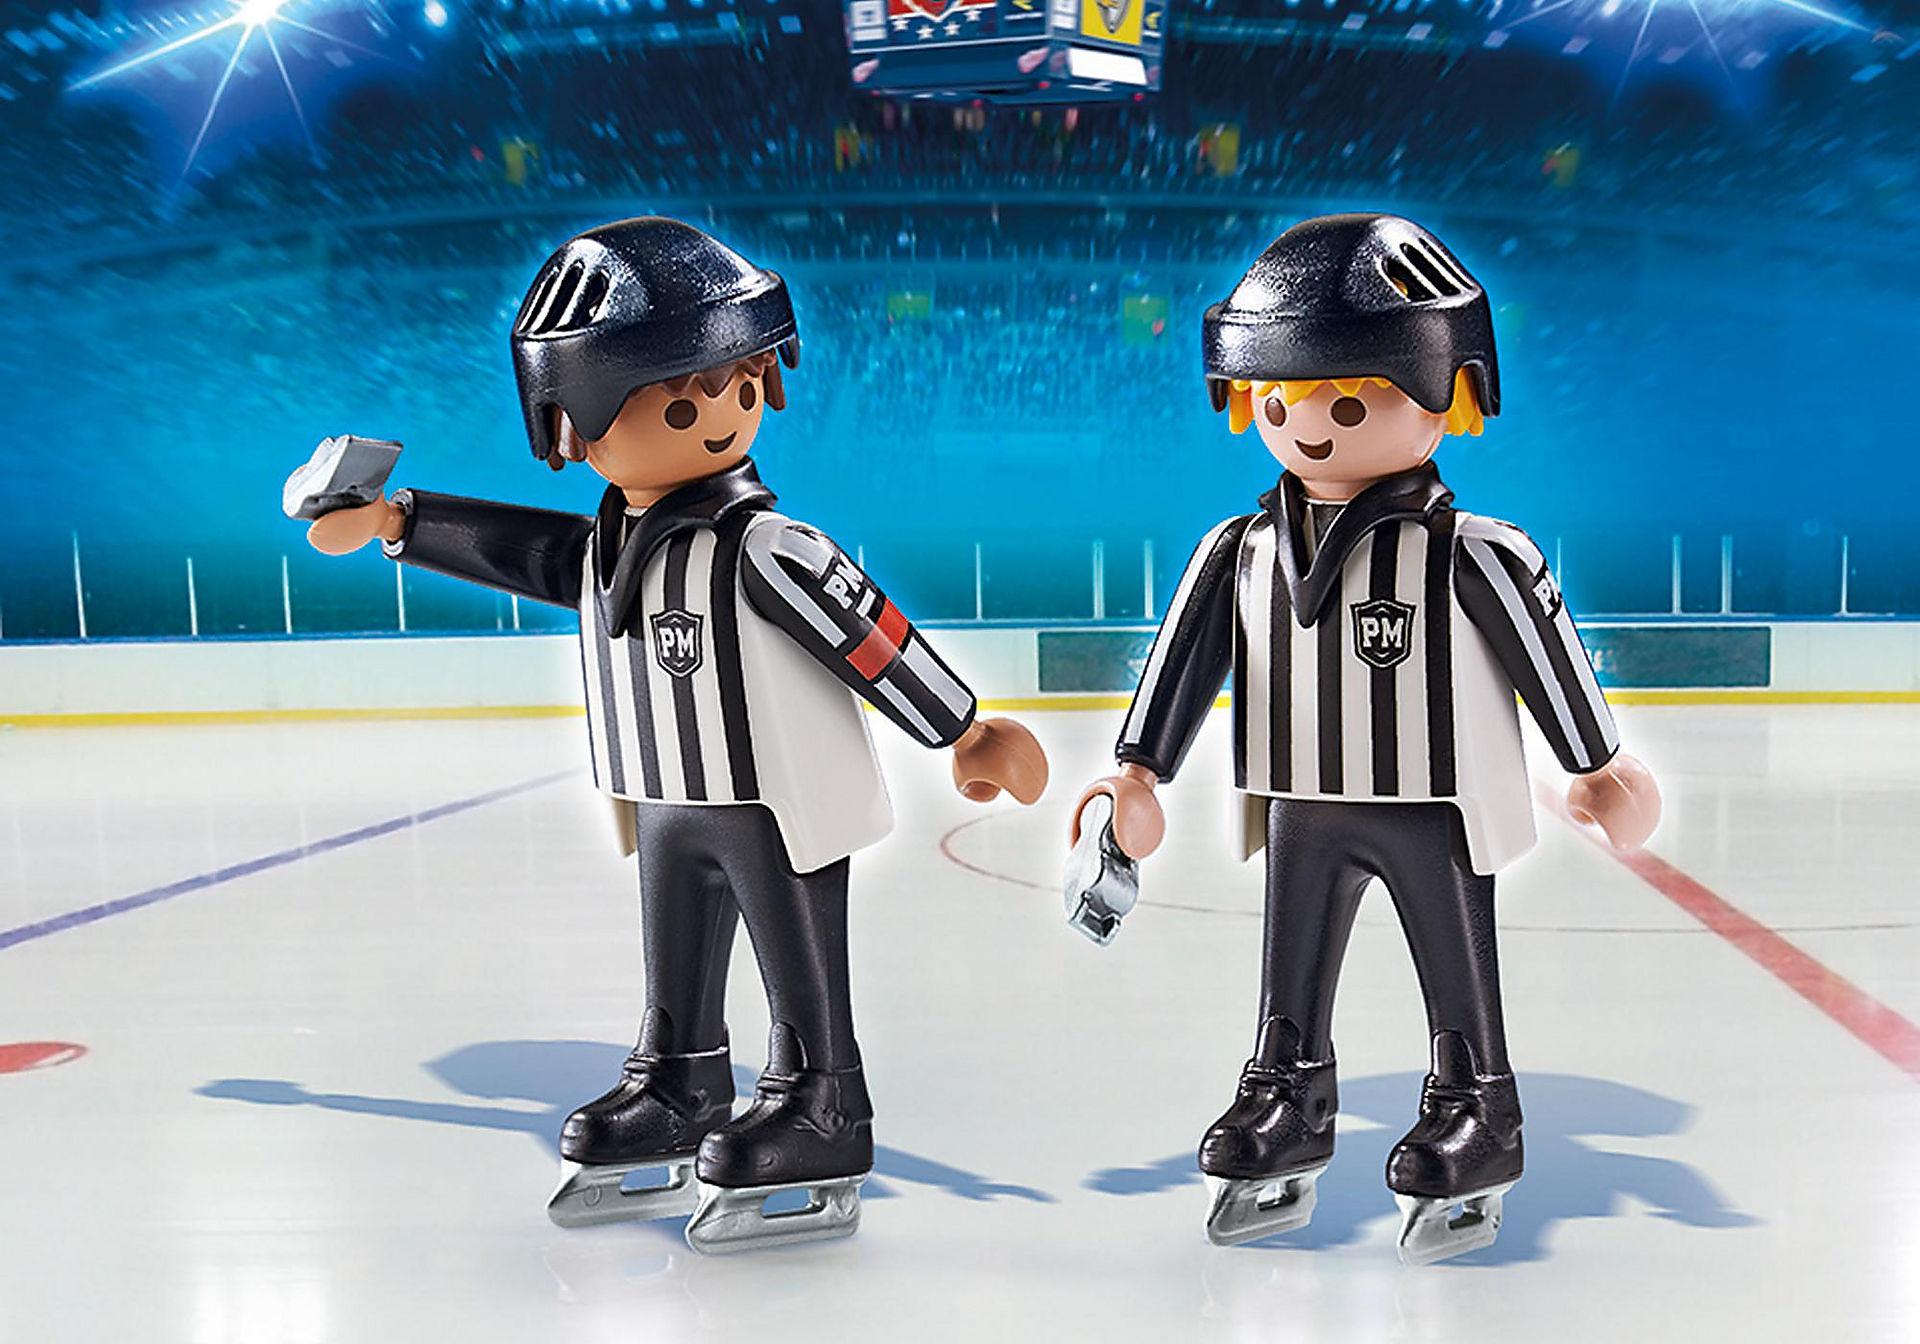 6191 Árbitros Hockey sobre Hielo zoom image1